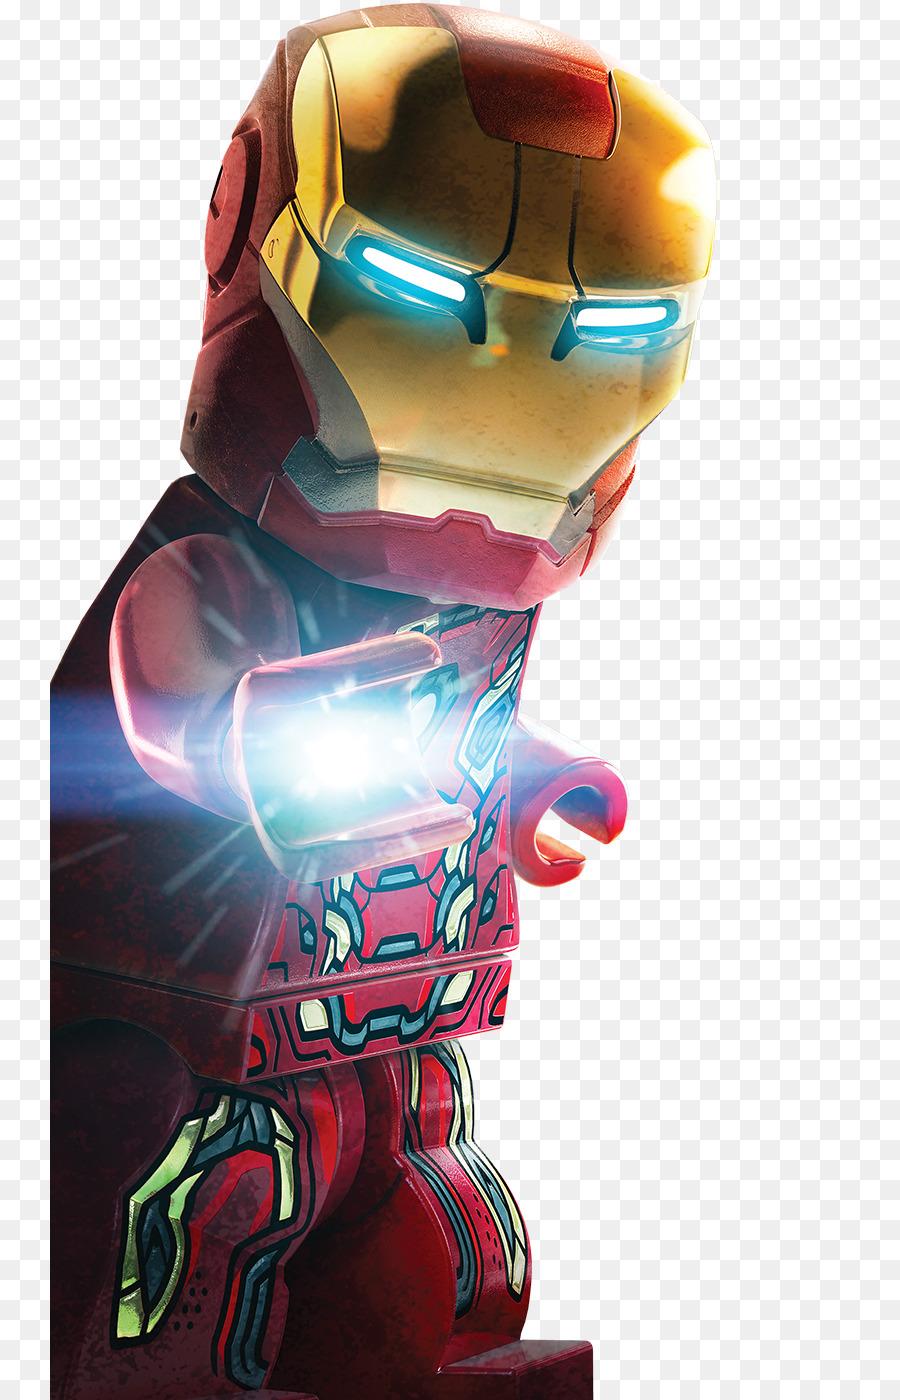 free license key for lego marvel avengers